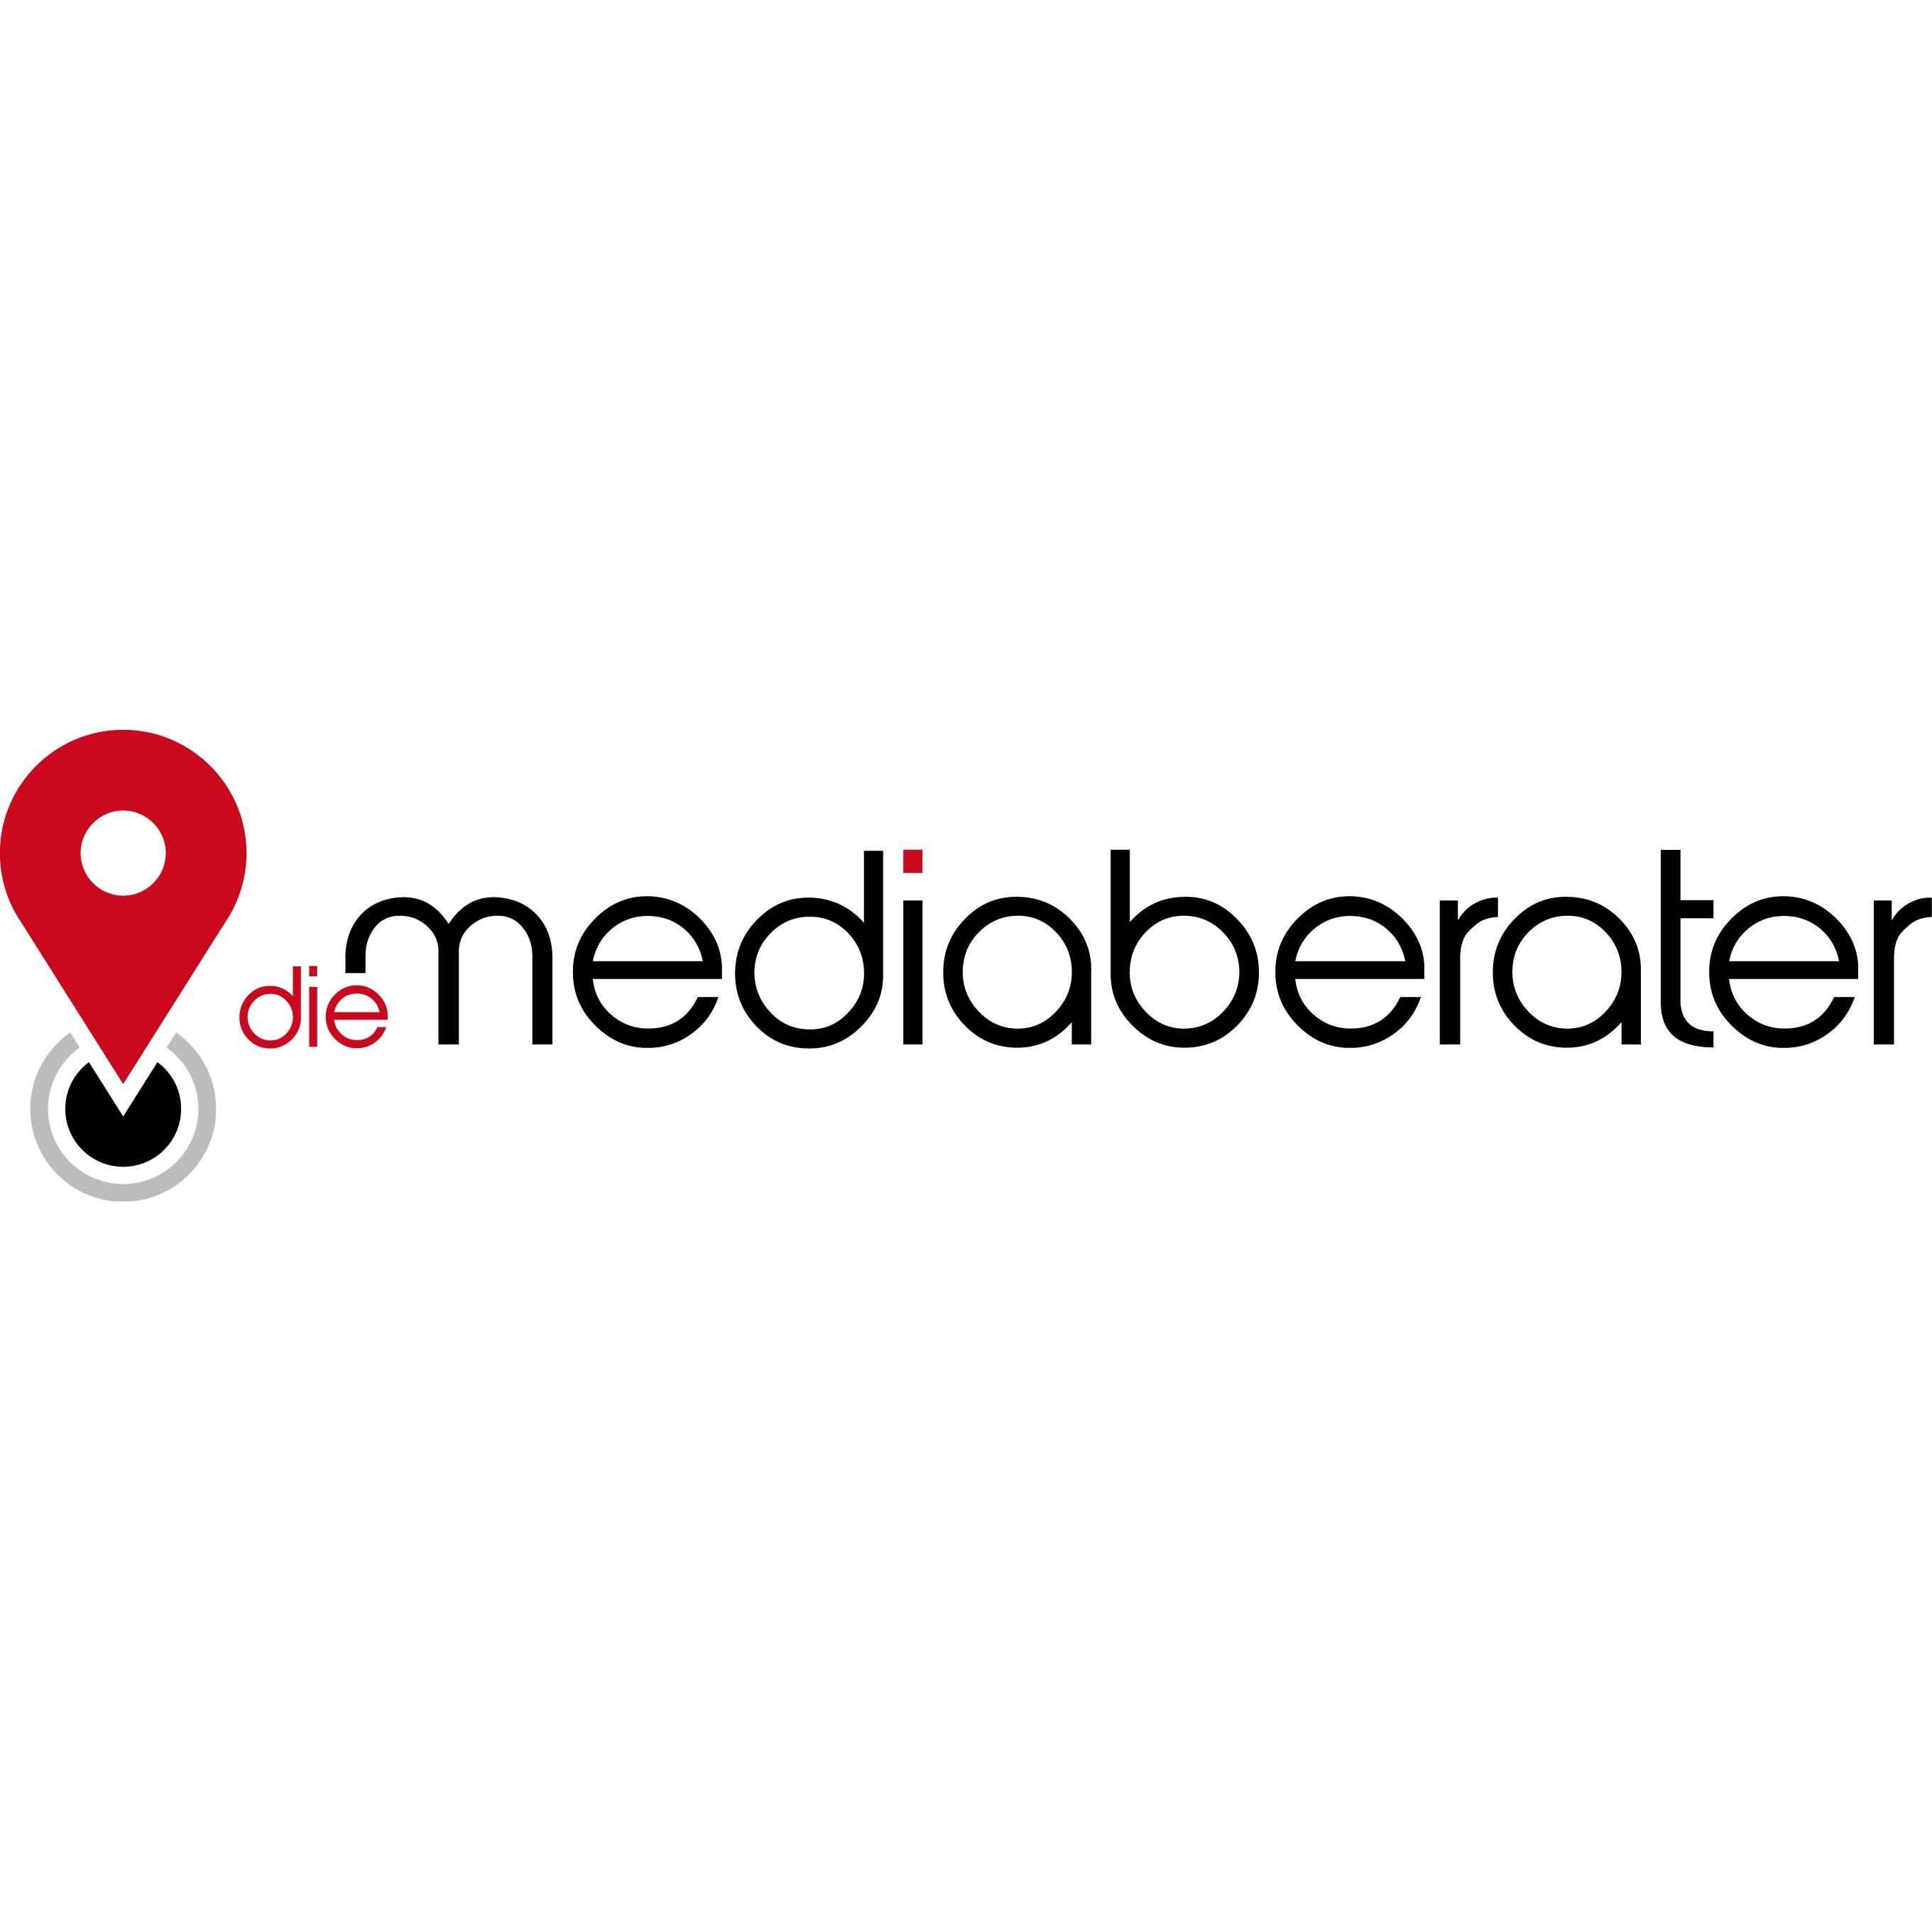 Bild zu die mediaberater - werbeagentur nürnberg in Nürnberg